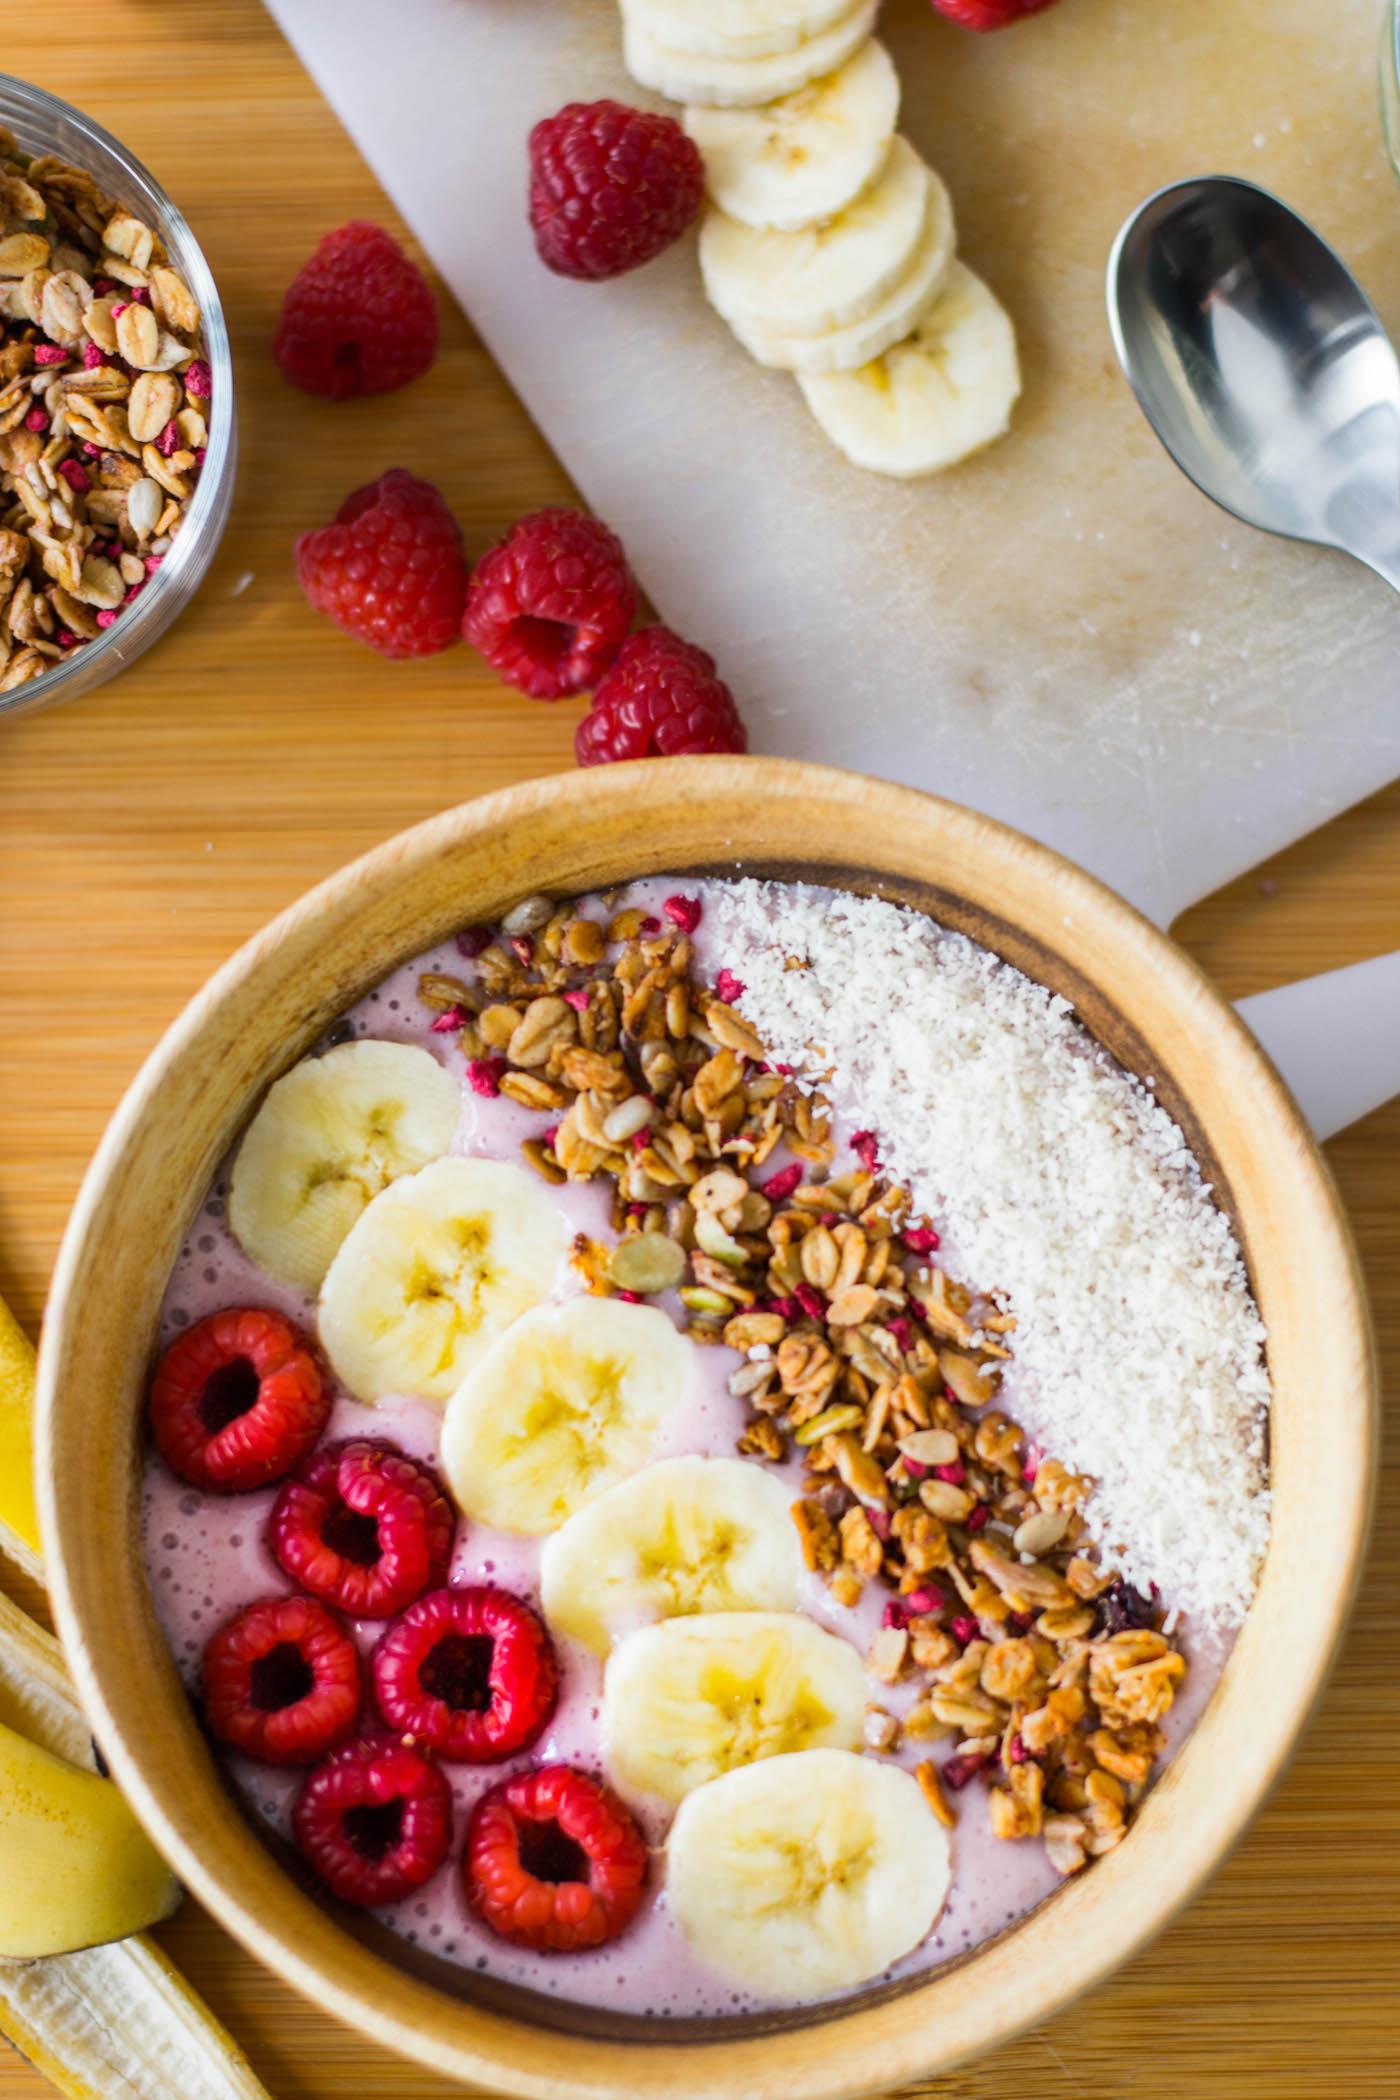 smoothie-bowl-framboise-4.jpg